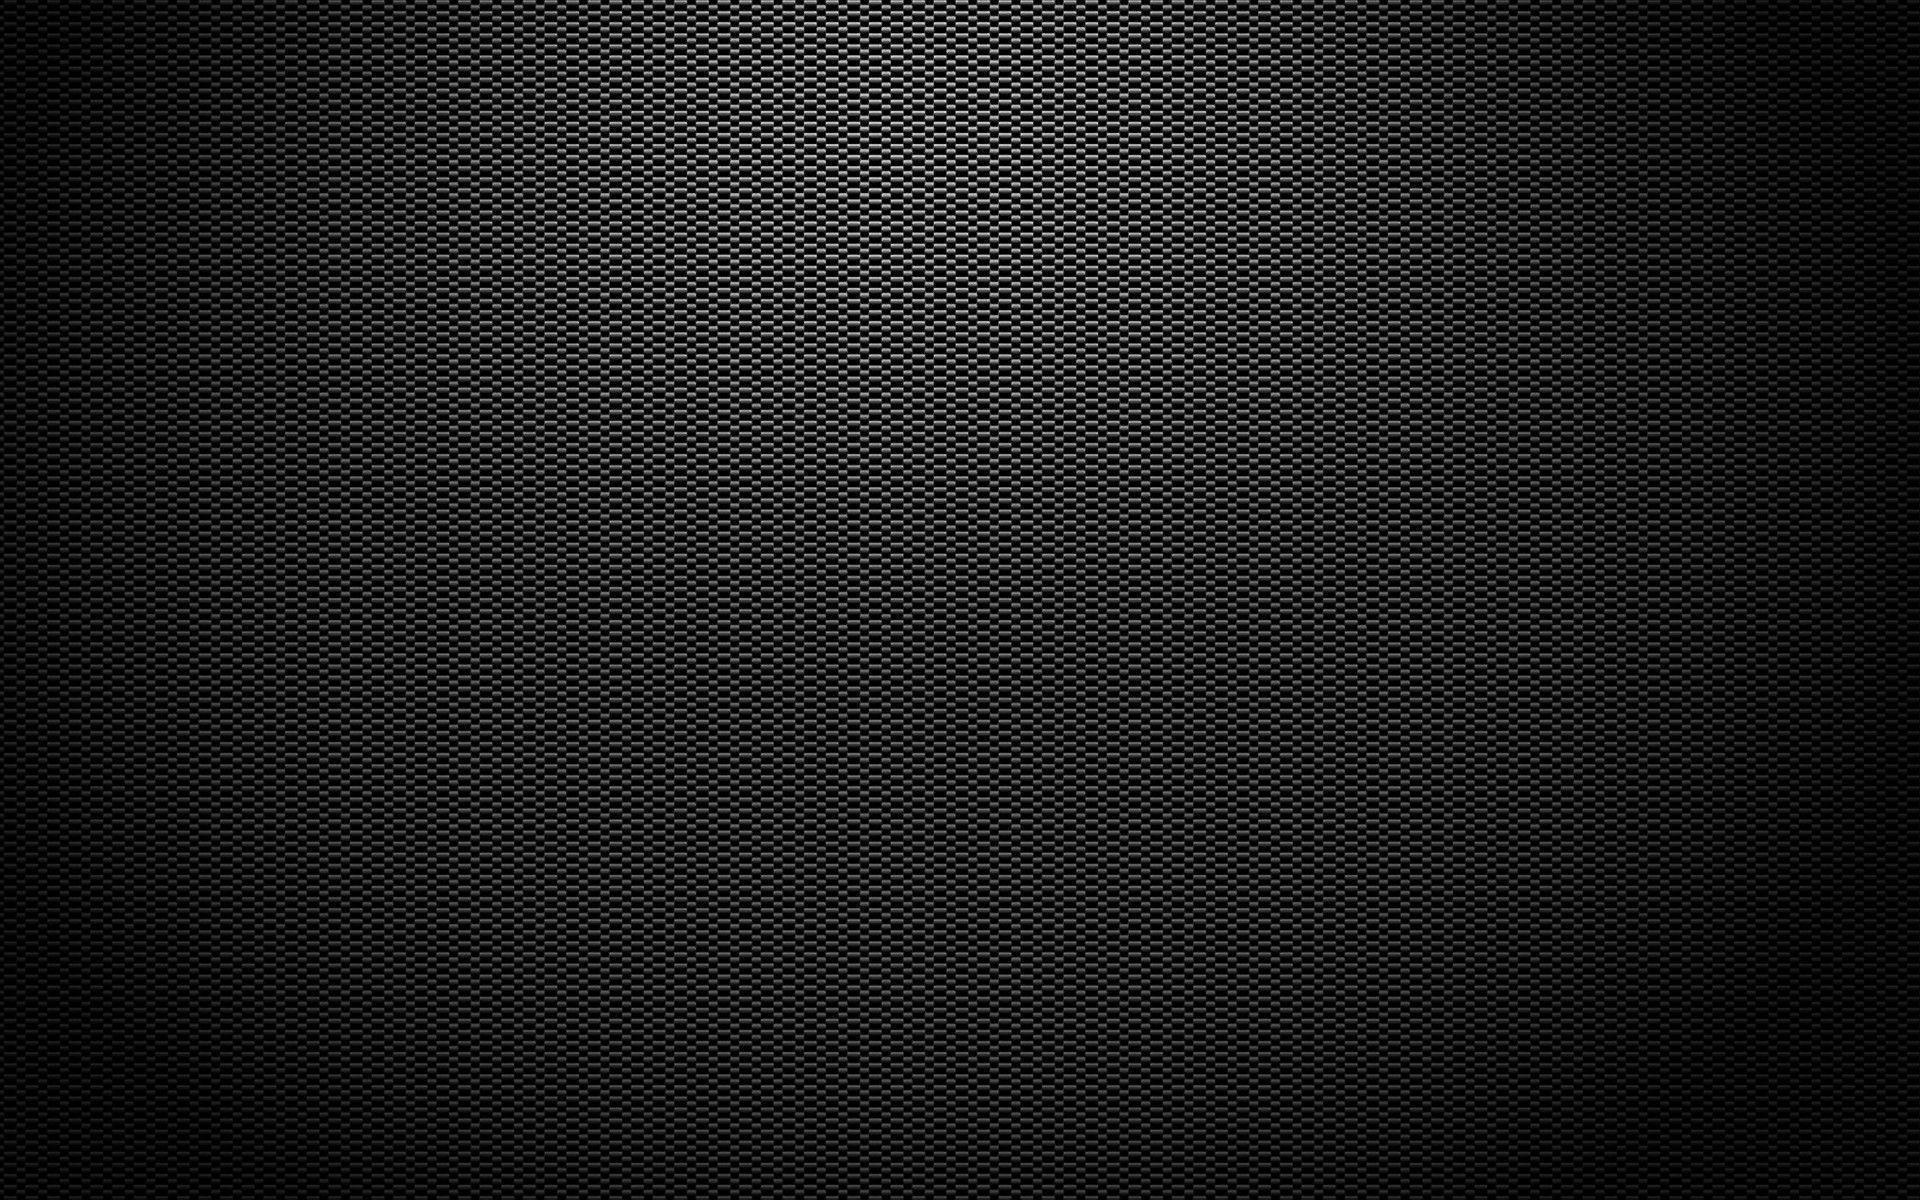 Carbon Fibre Wallpapers 1920x1200